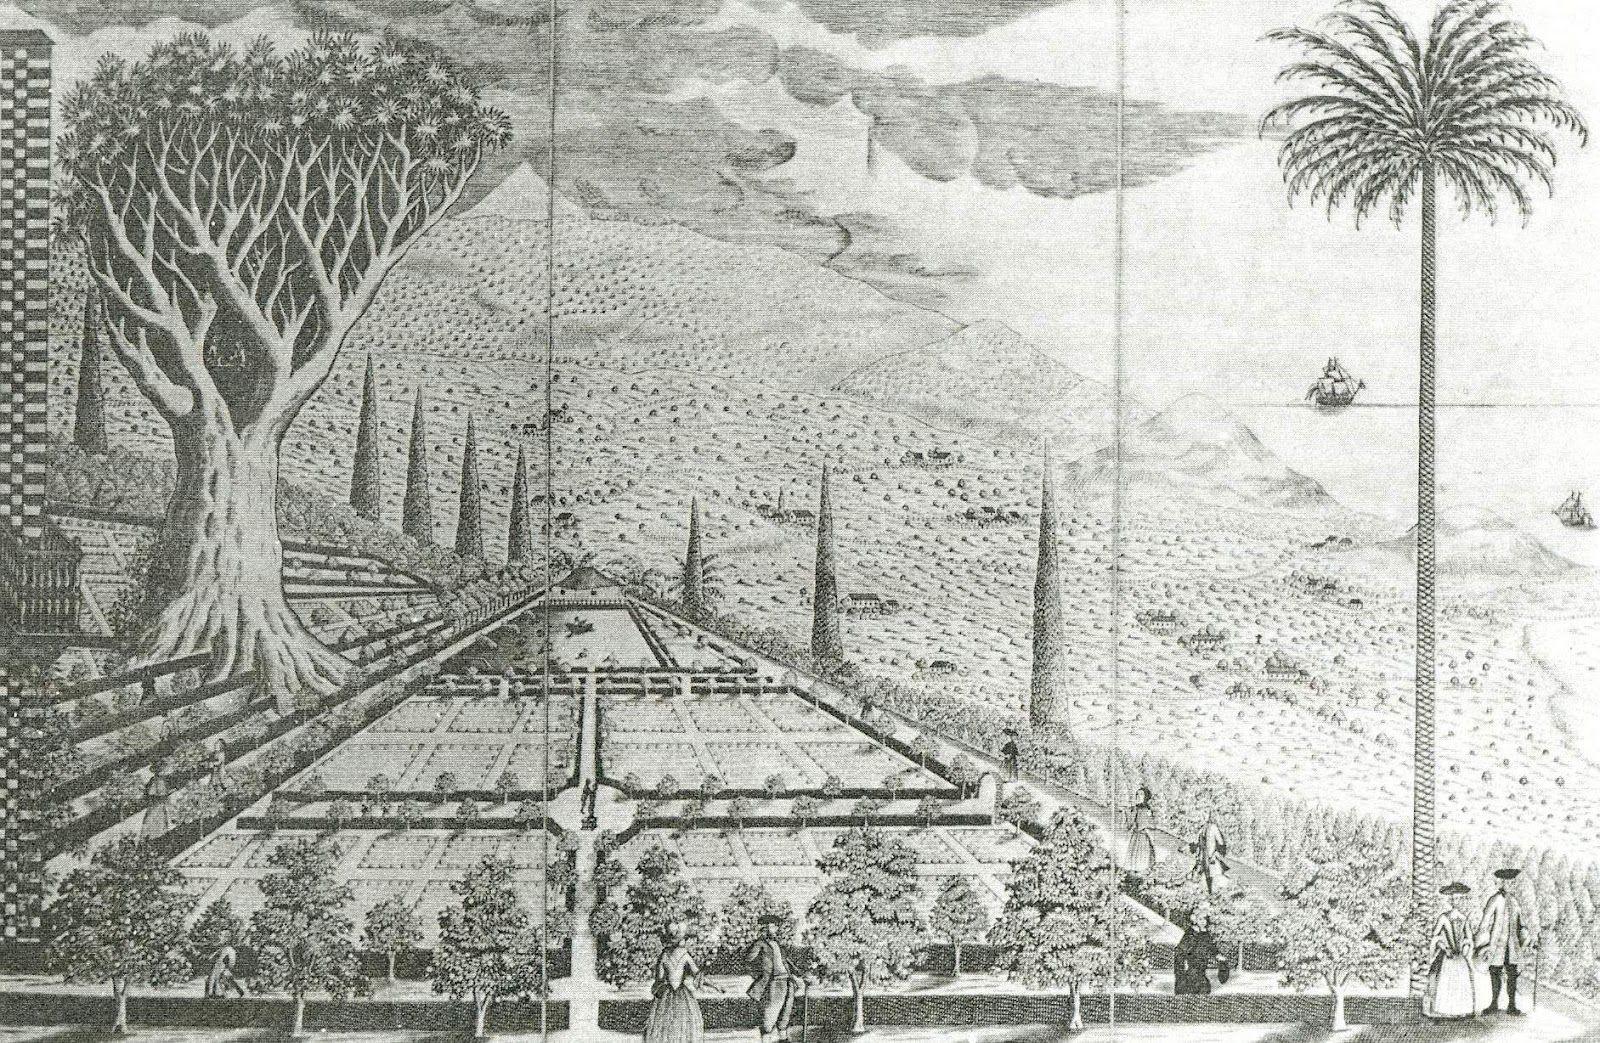 Drago de los jardines de franchy y palmera de la conquista la orotava tenerife islas canarias - Jardines de franchy la orotava ...